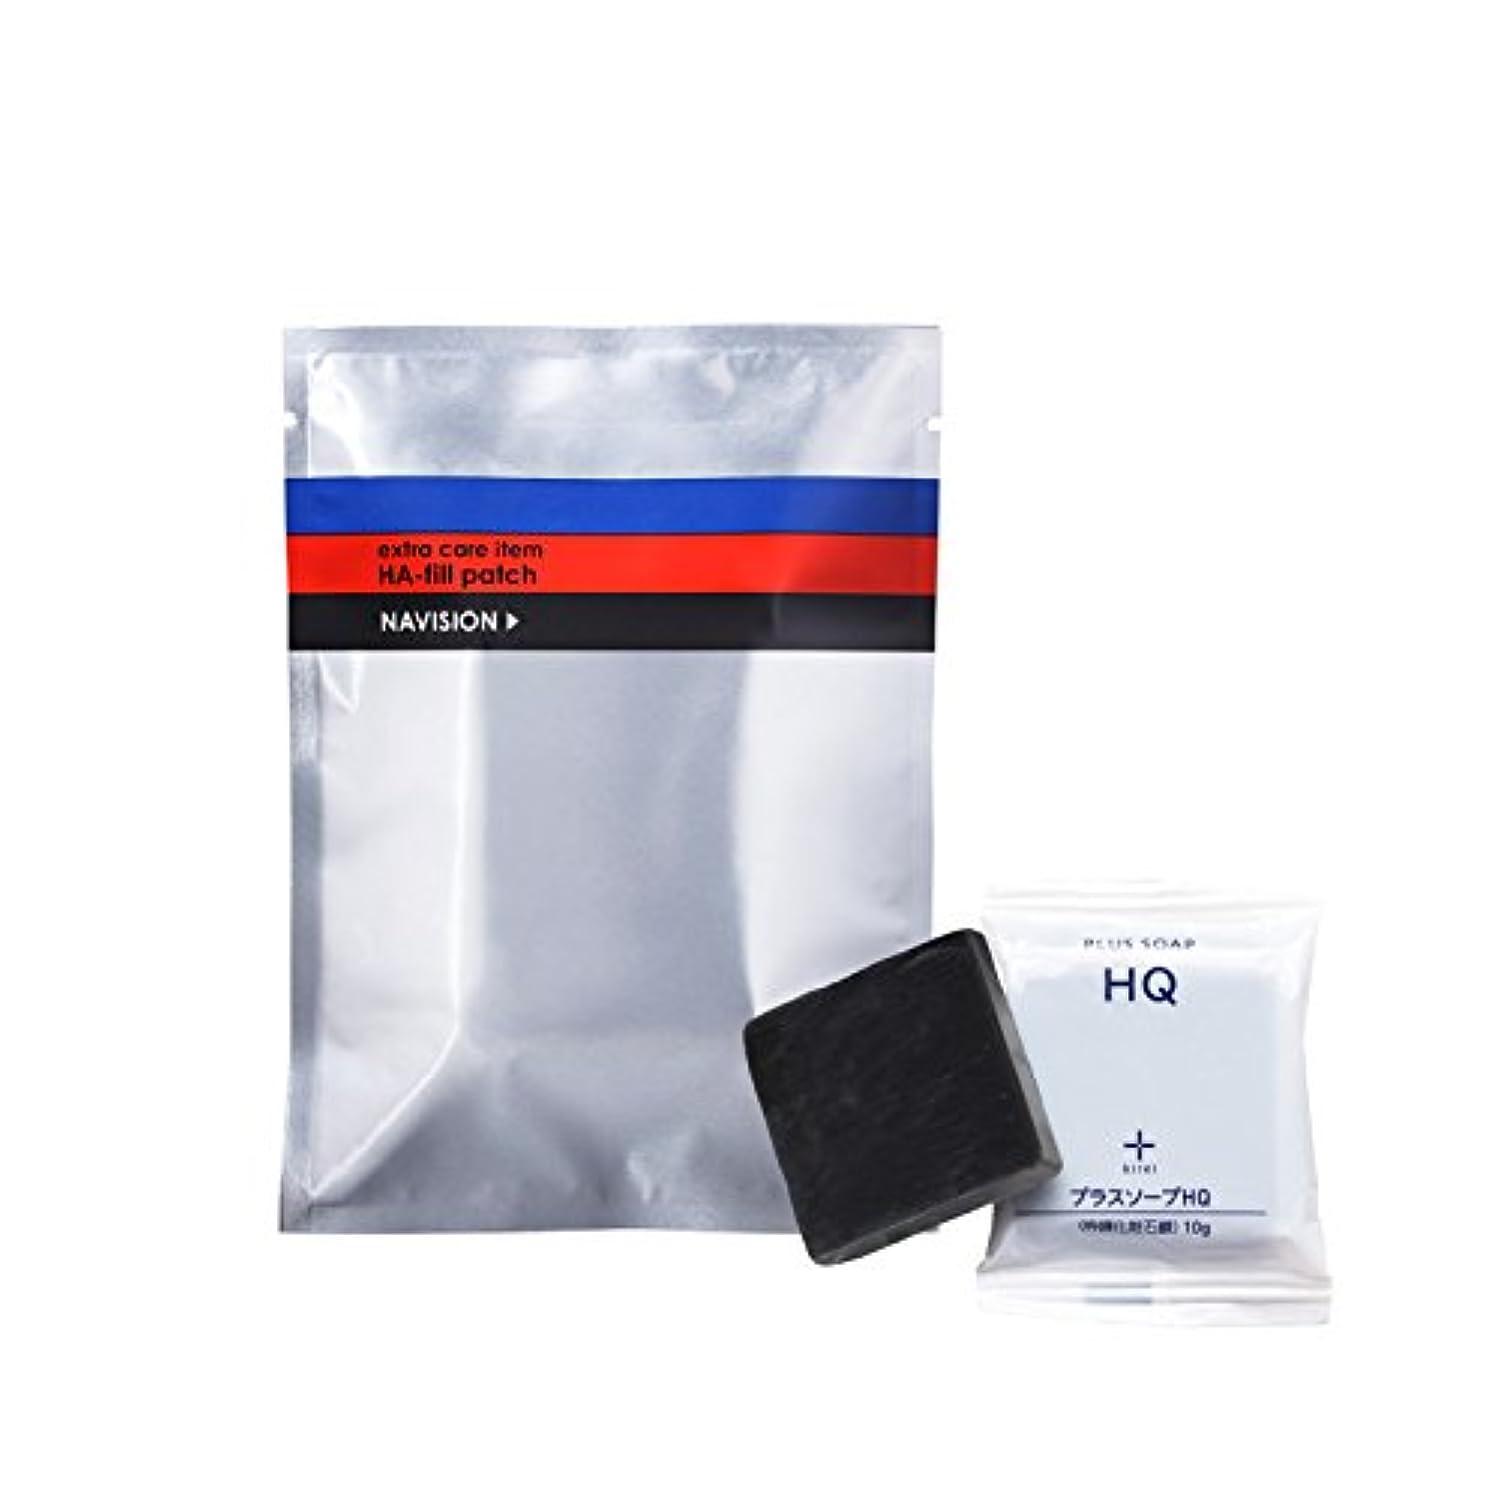 期待して物足りない瞳ナビジョン NAVISION HAフィルパッチ(2枚×3包入) + プラスキレイ プラスソープHQミニ